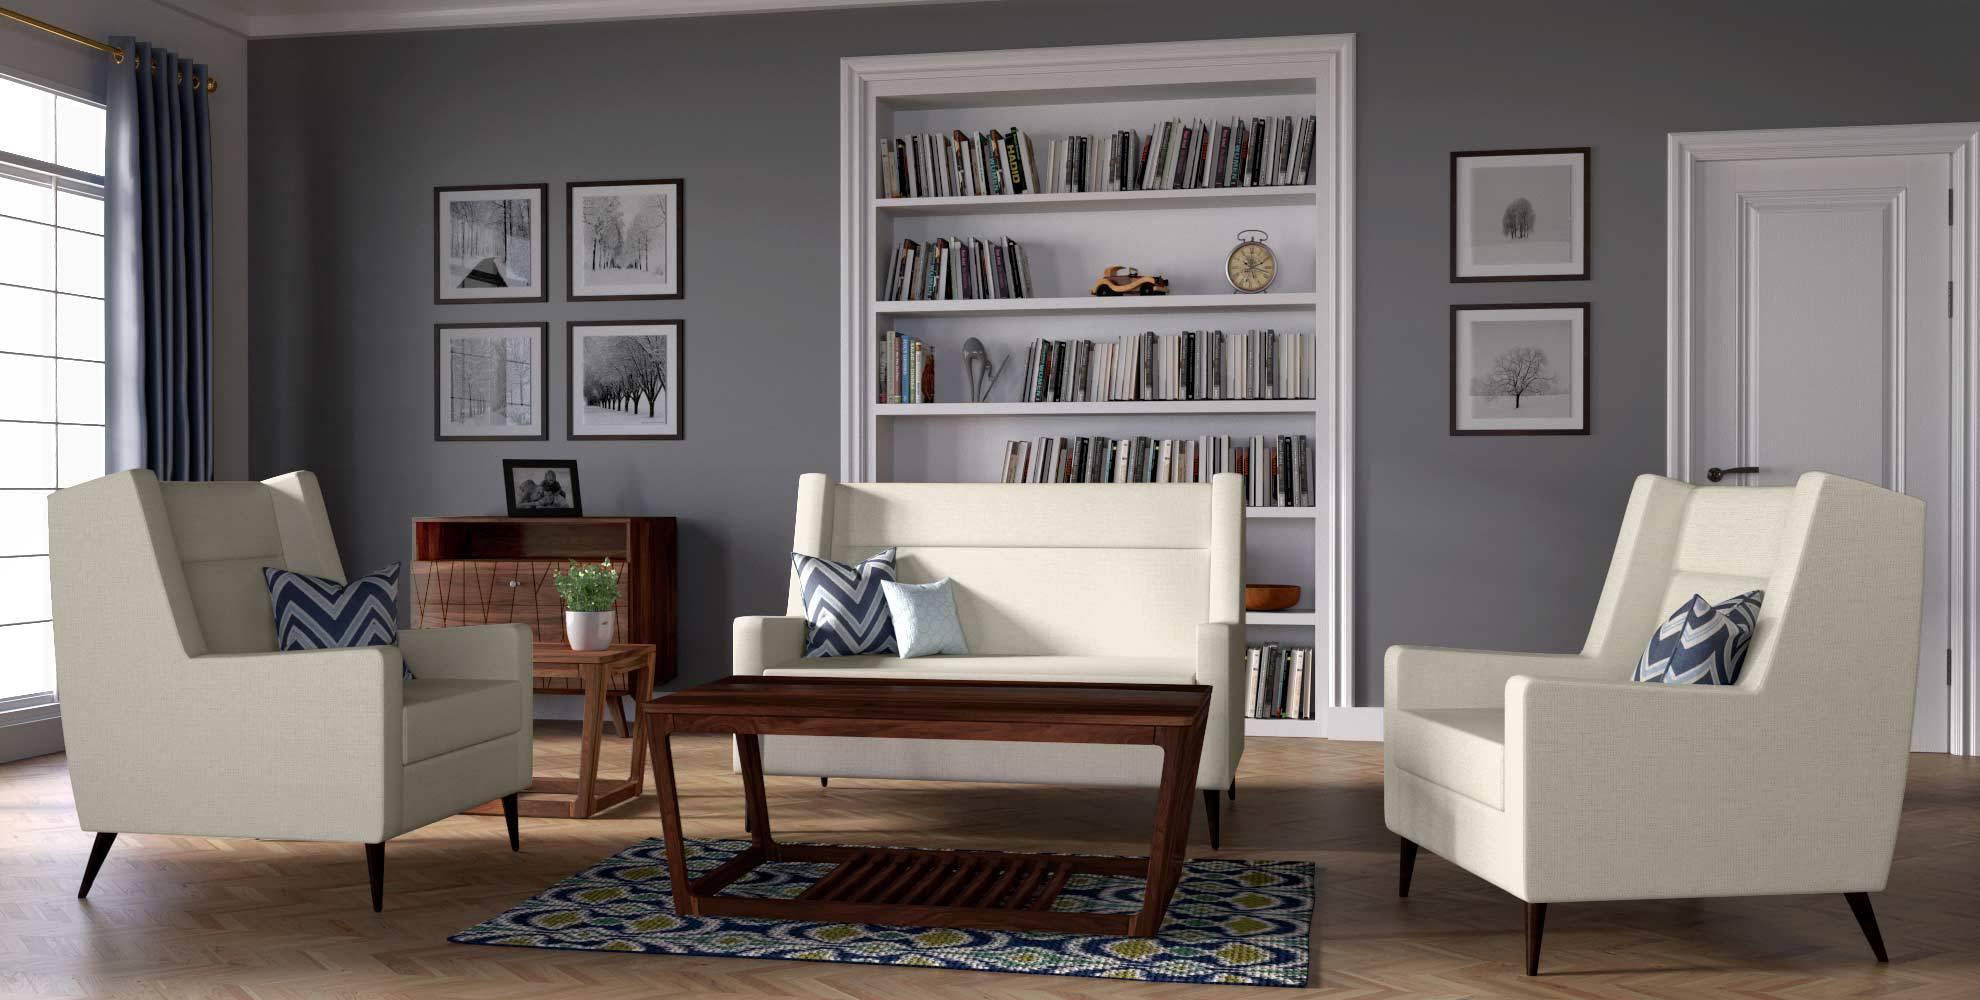 interior design trends 2019